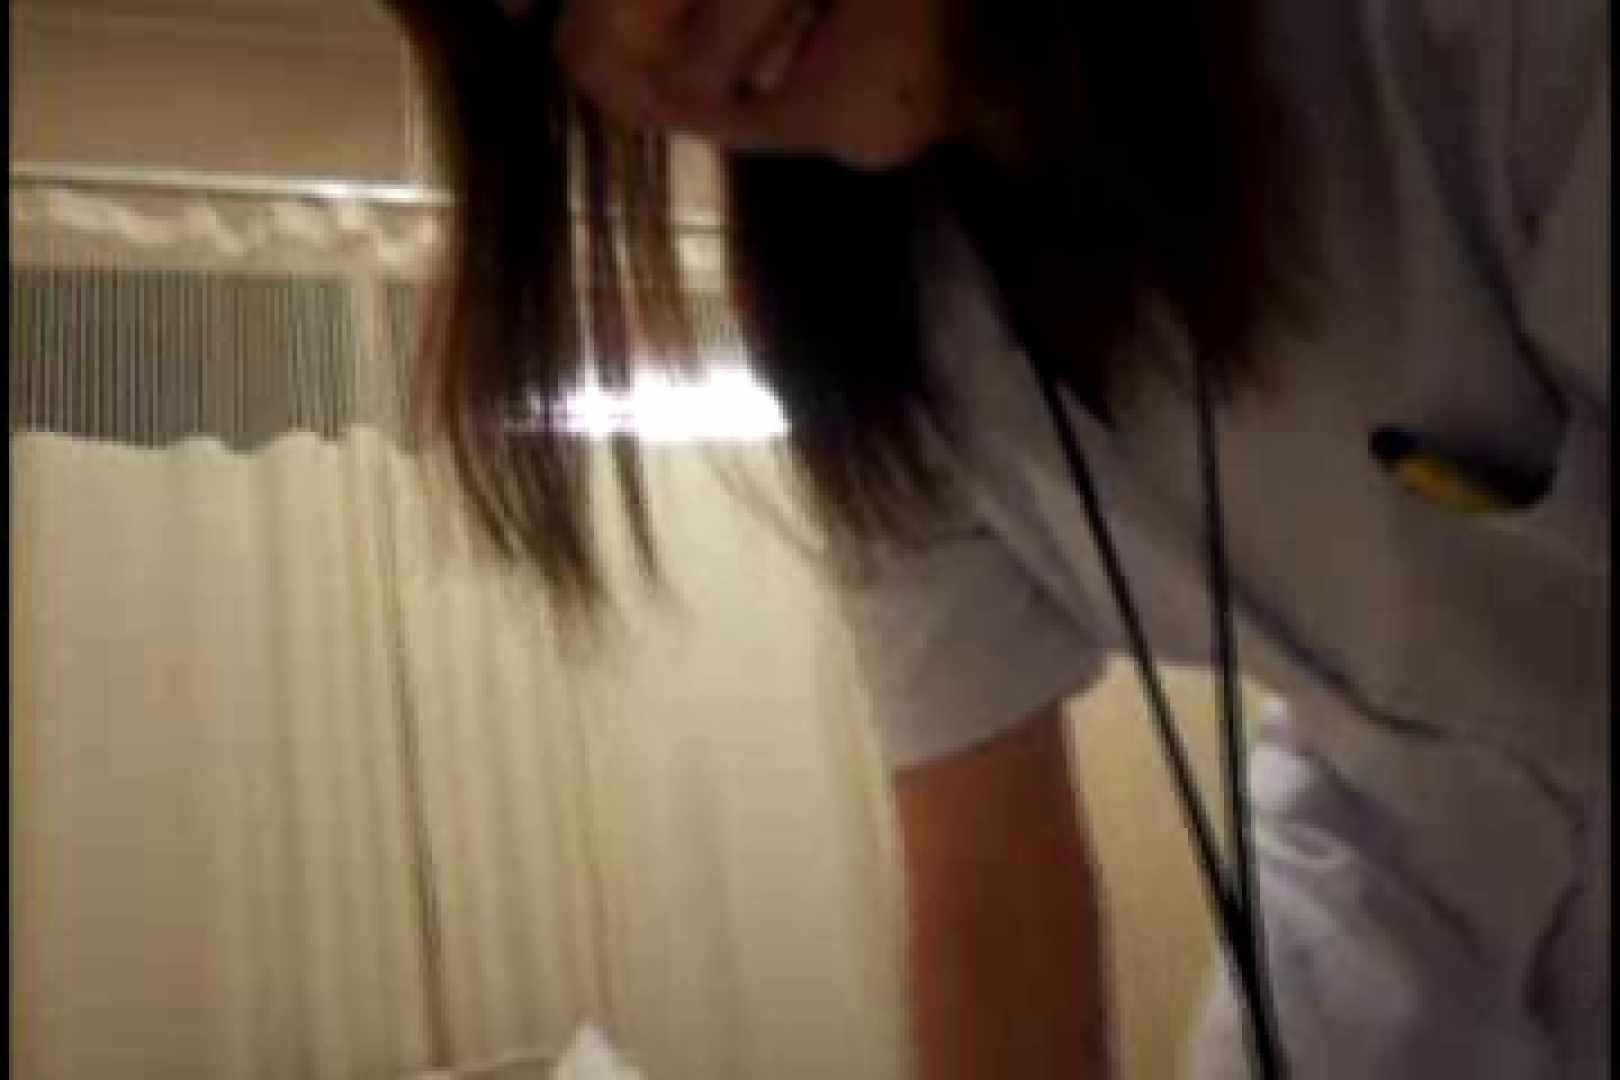 ヤリマンと呼ばれた看護士さんvol1 OL裸体 | シックスナイン  61画像 36